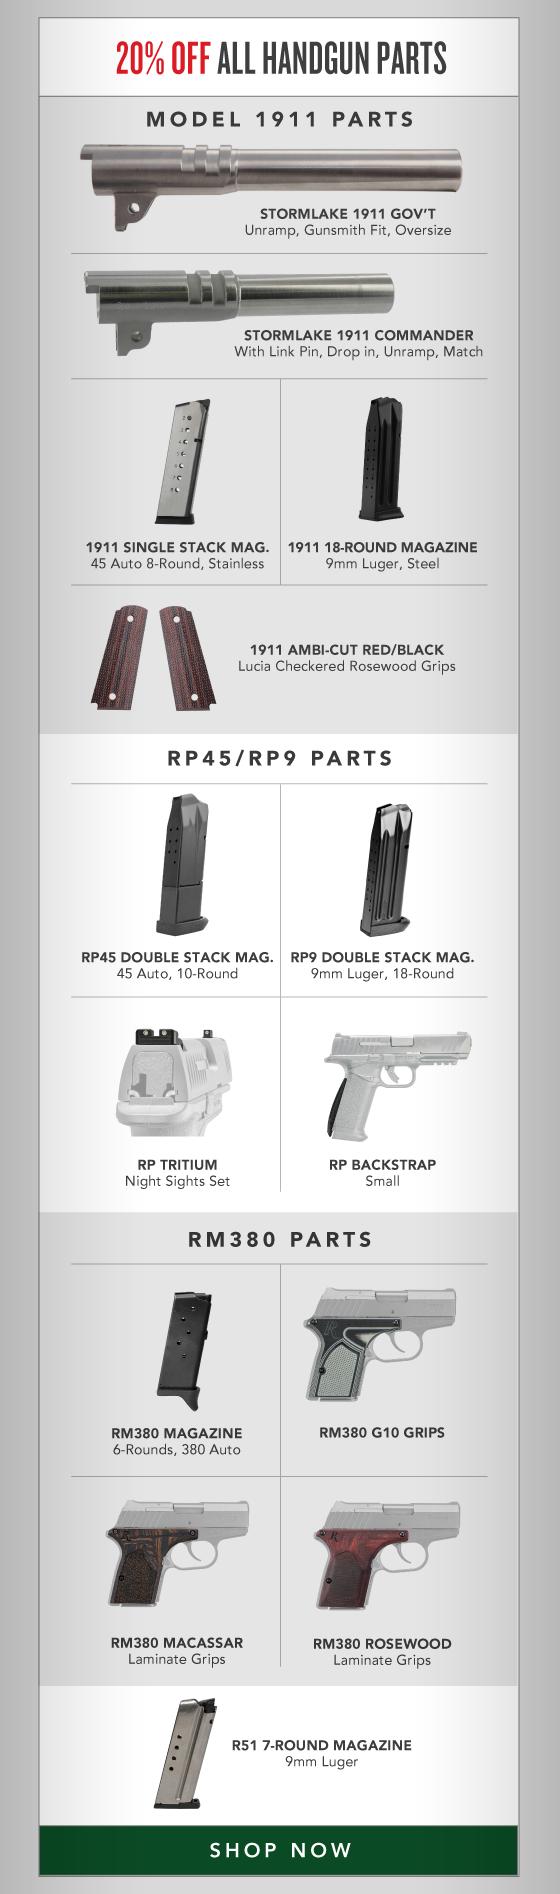 20% OFF All Handgun Parts